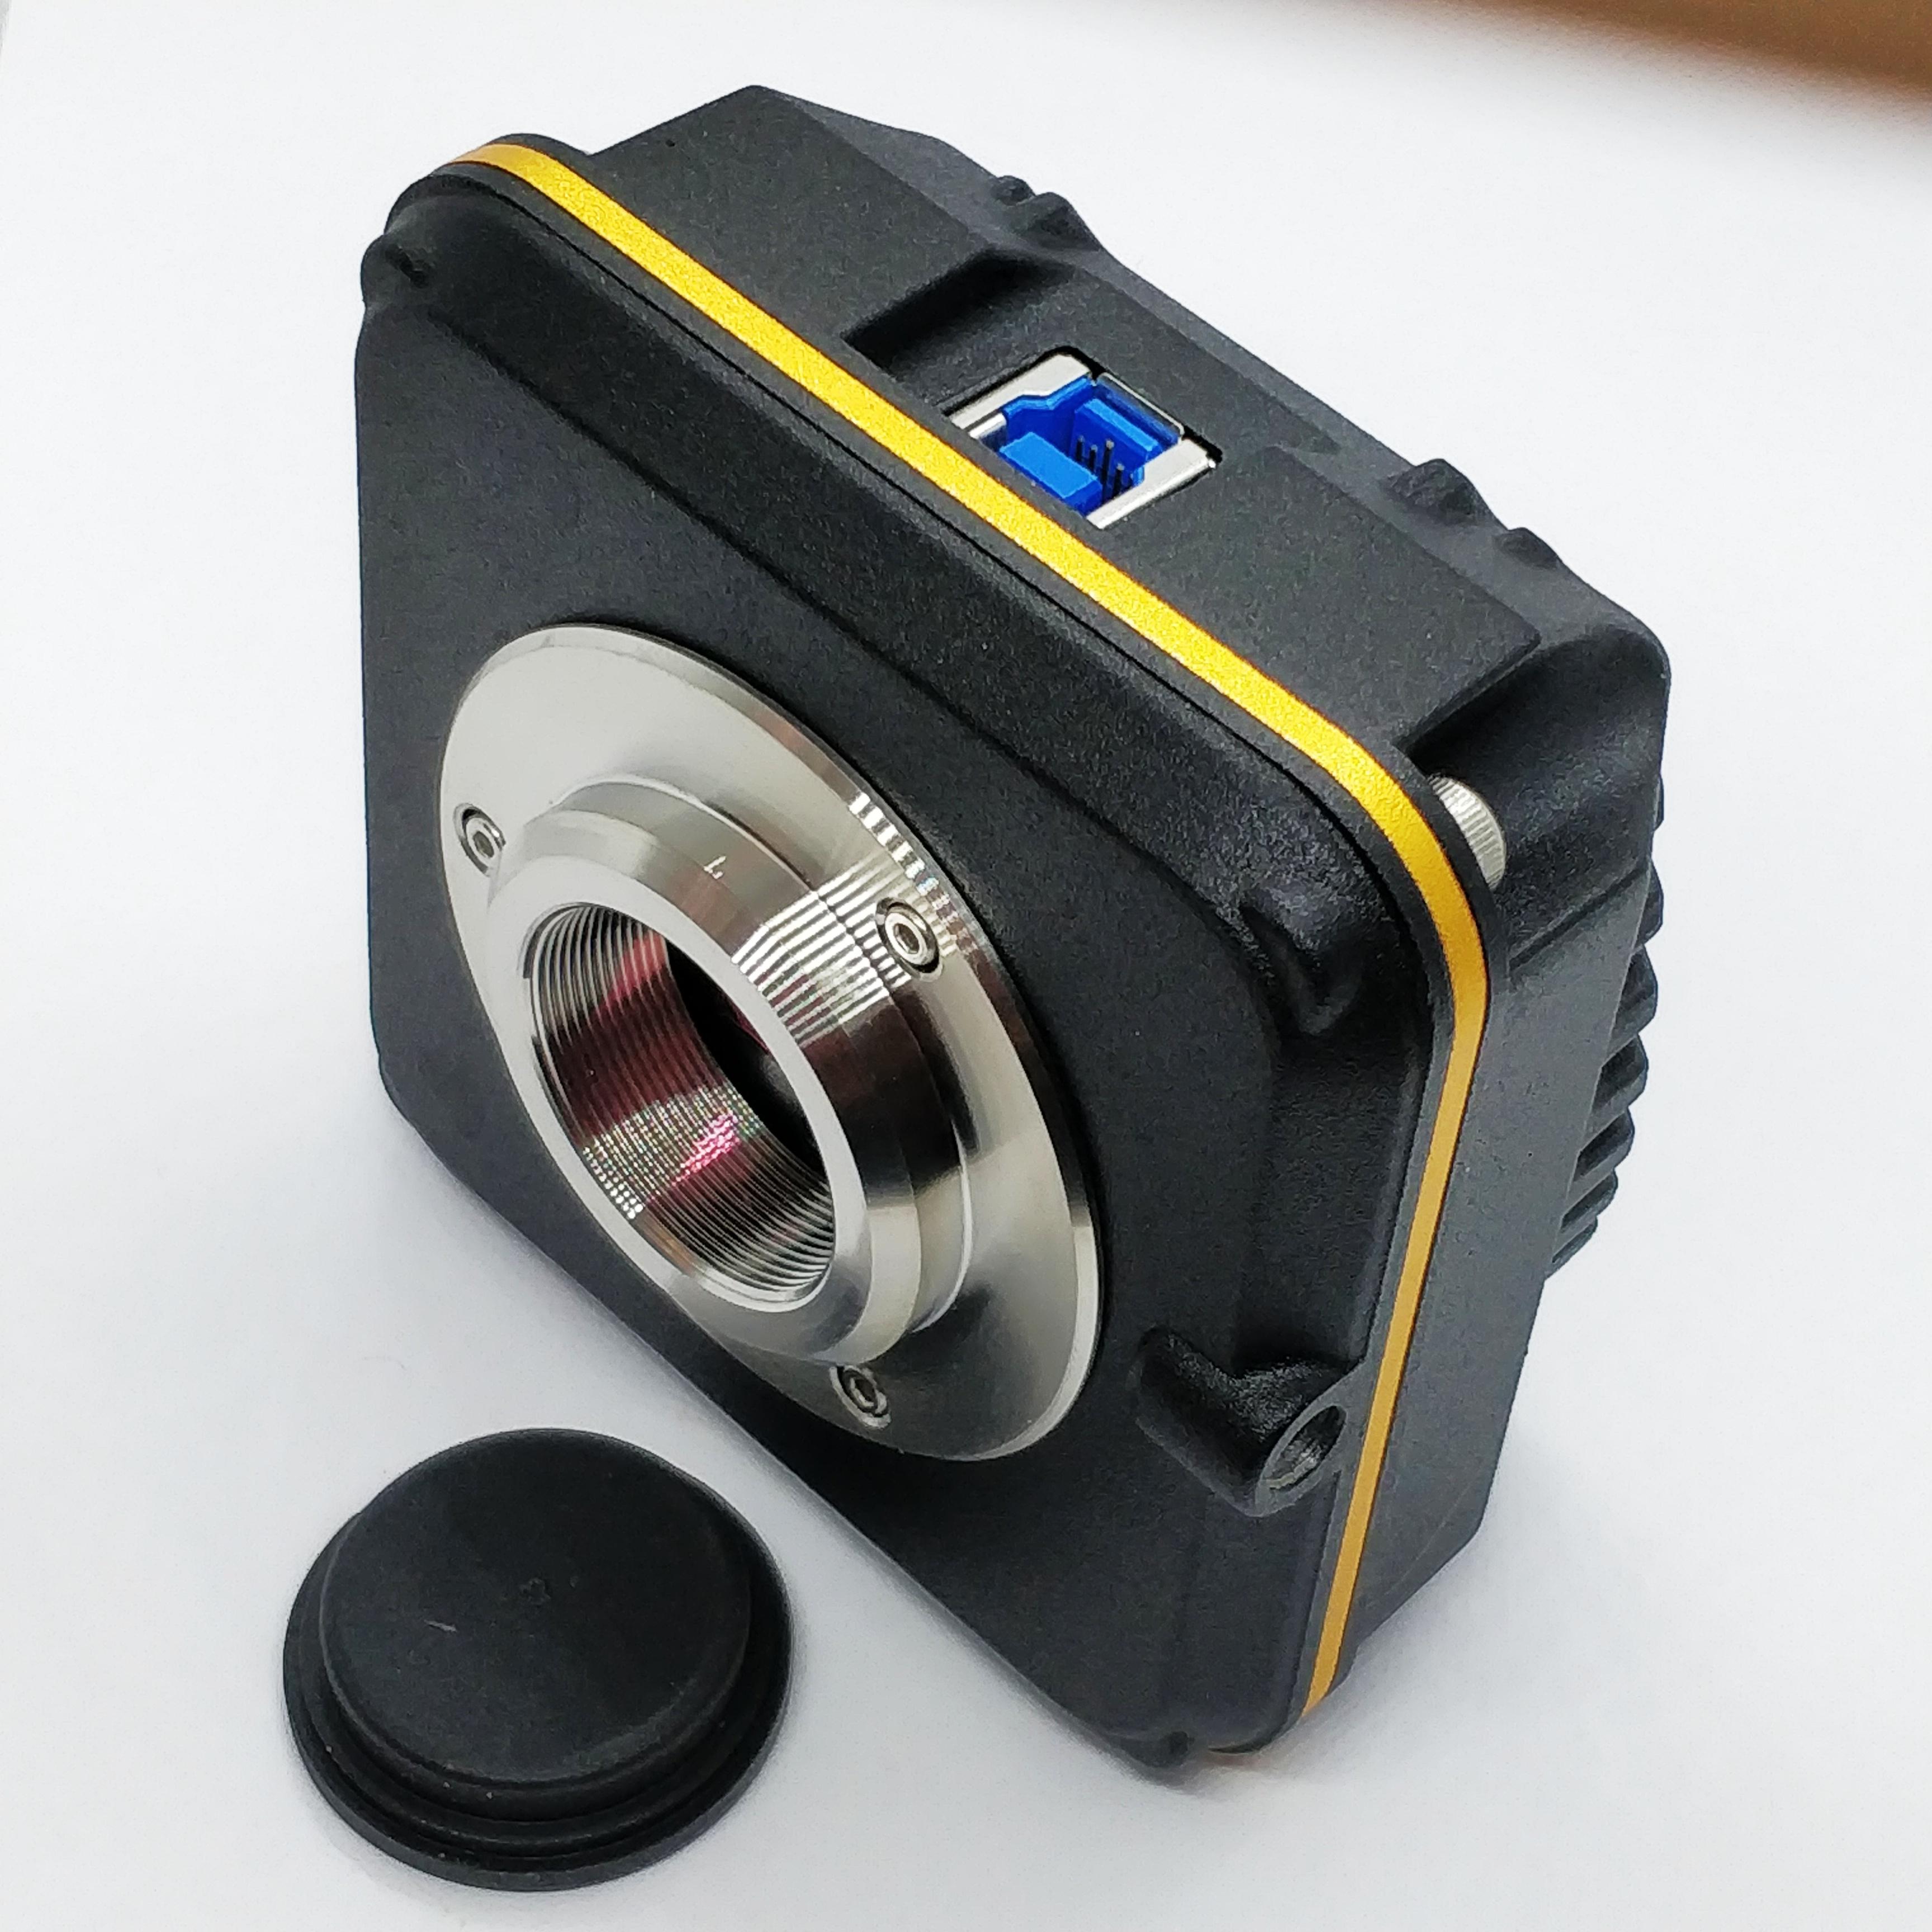 MicroqU3L-050